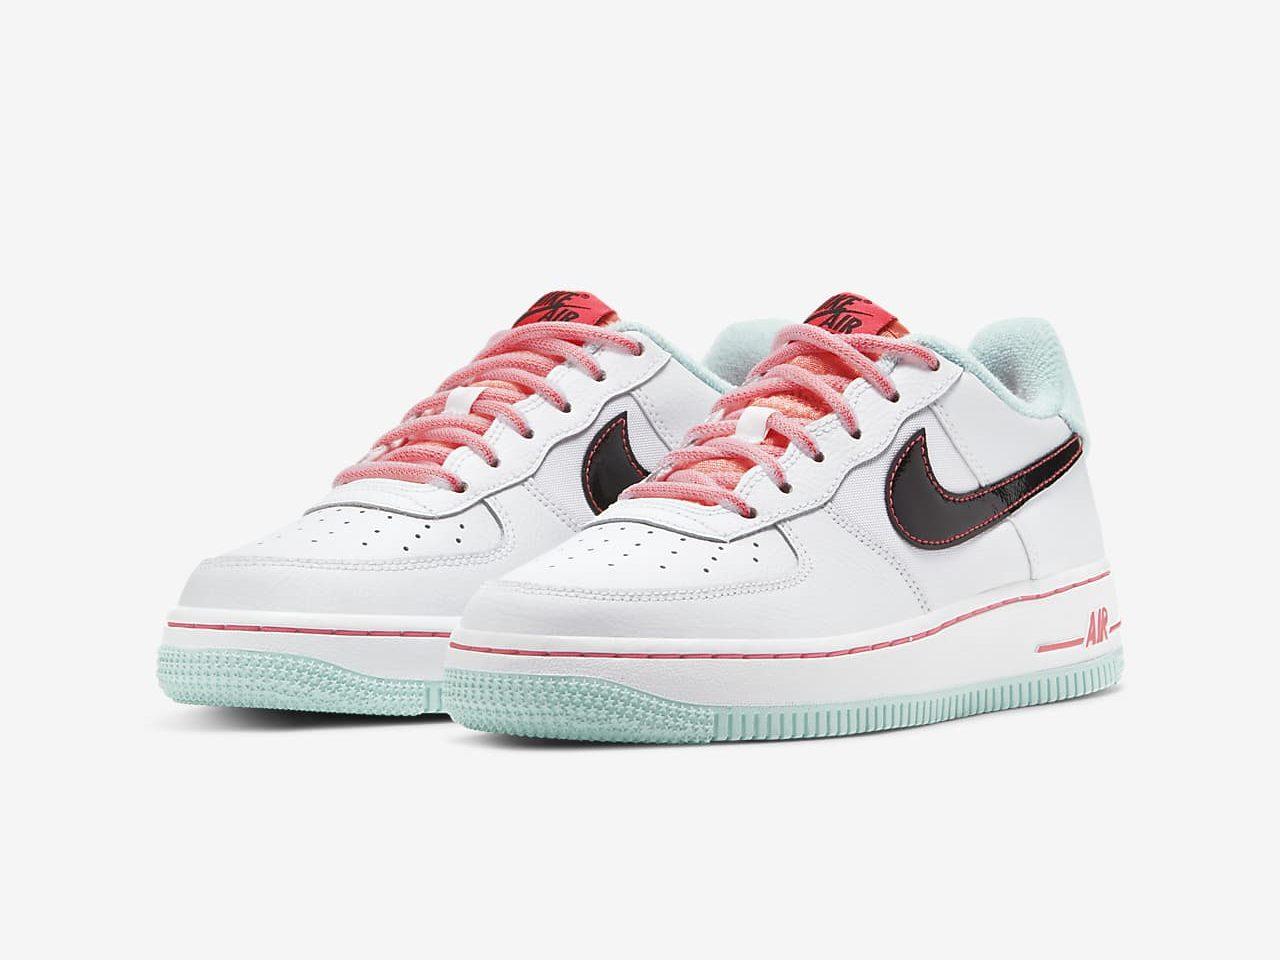 ナイキ エア フォース 1 ホワイト フラッシュ クリムゾン アトミック ピンク Nike Air Force 1 07 LV8 White Flash Crimson Atomic Pink DD7709-100 pair main